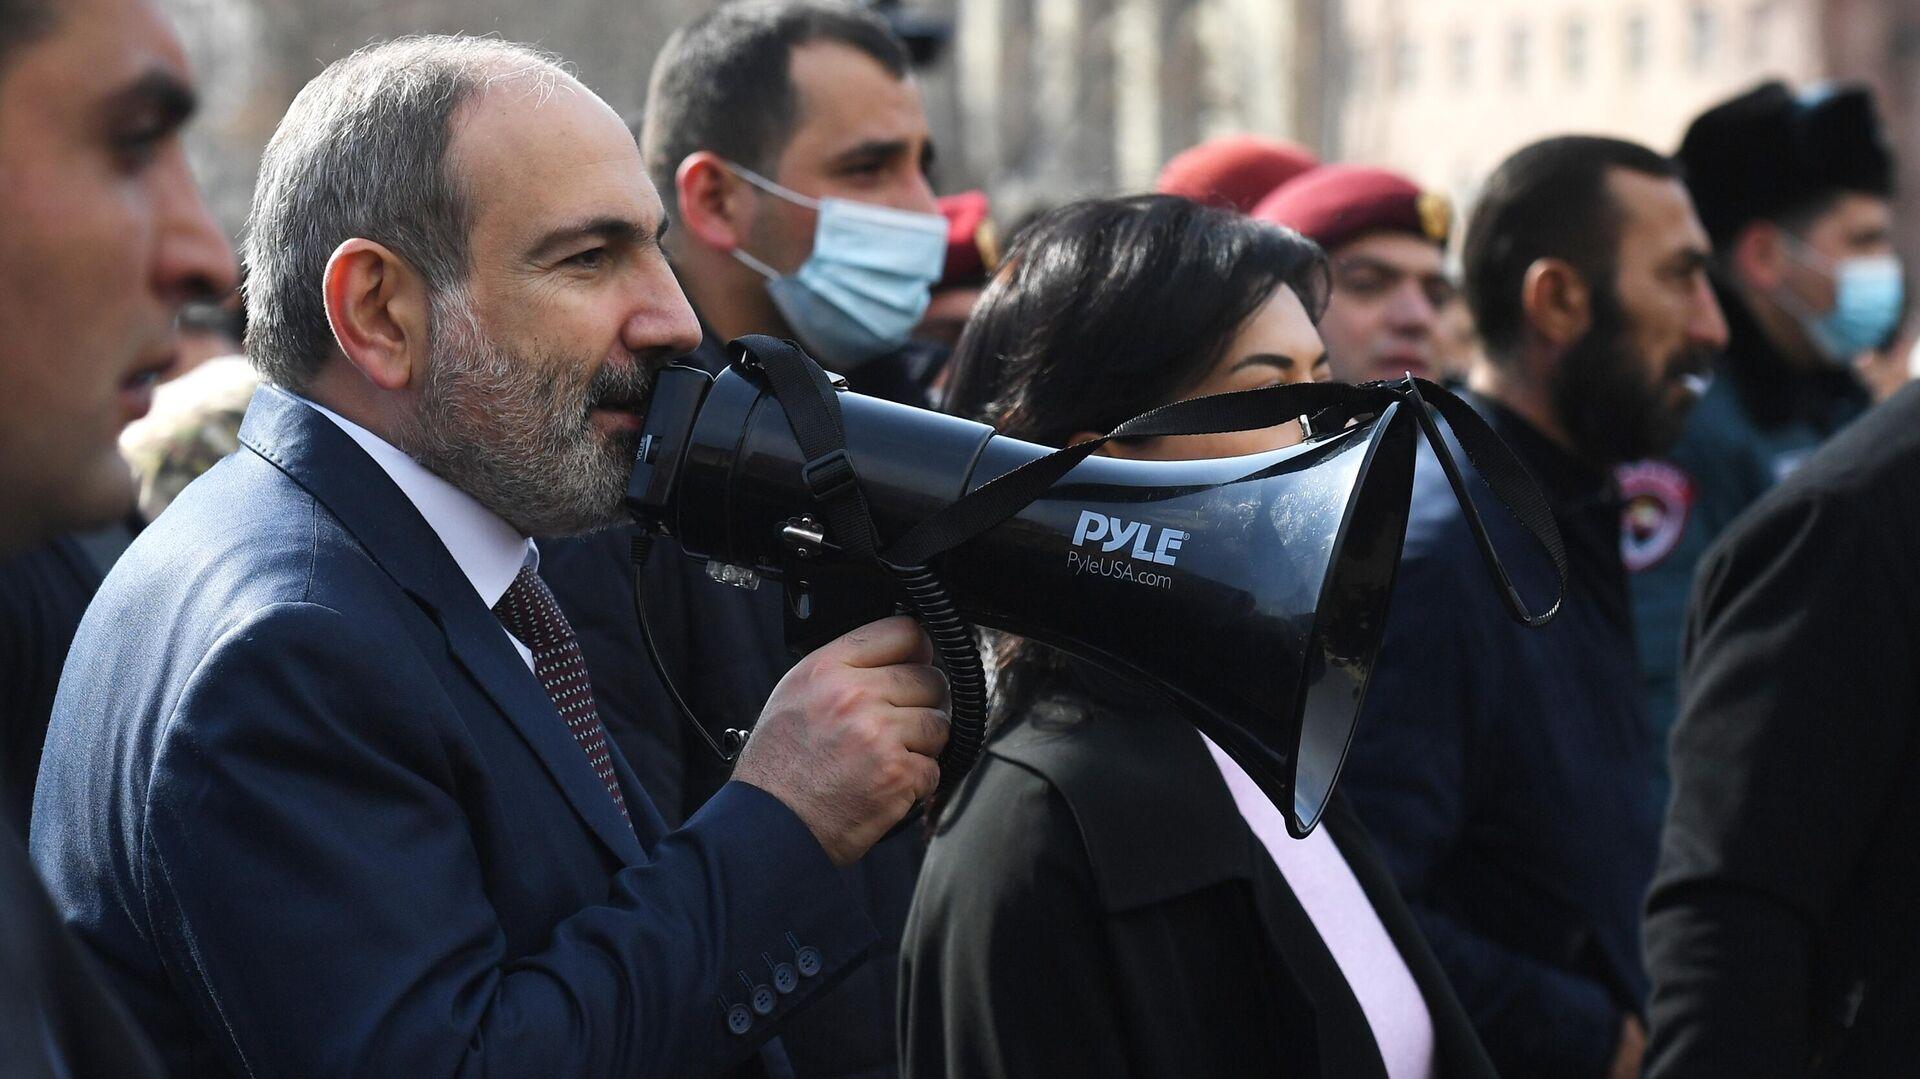 Премьер-министр Армении Никол Пашинян вышел к протестующим на улице Еревана - РИА Новости, 1920, 25.02.2021